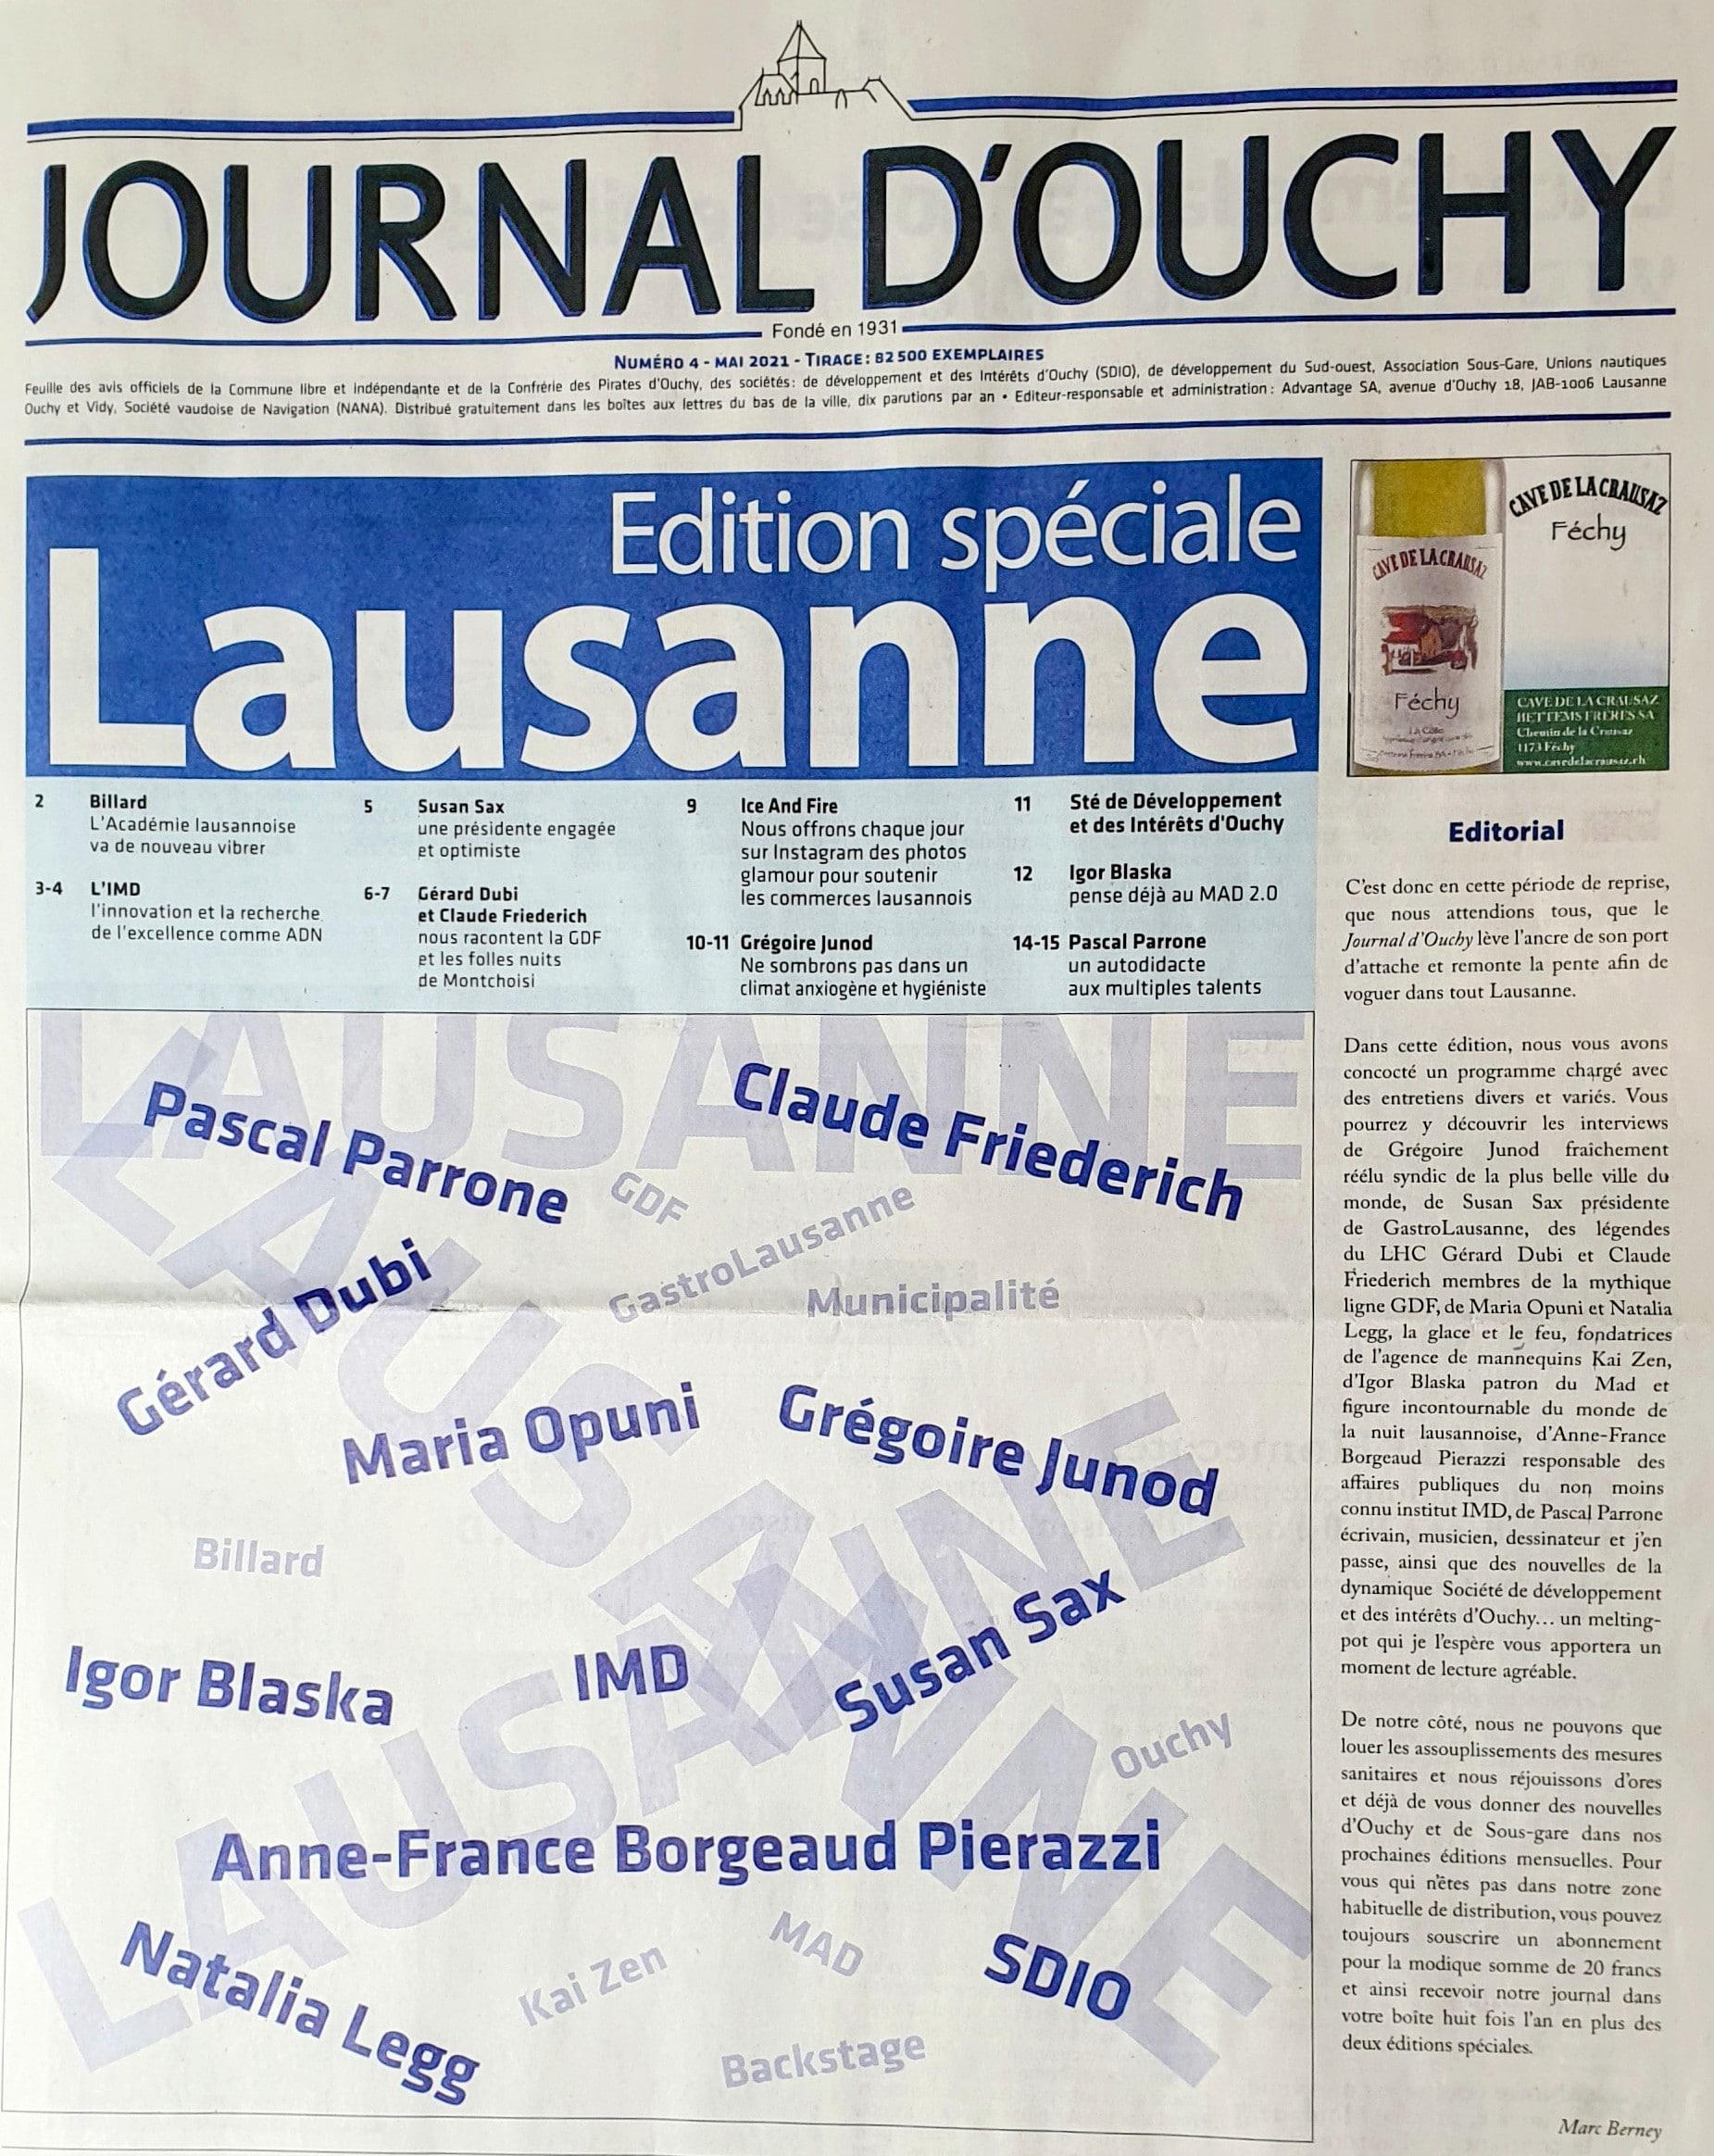 4e édition du Journal d'Ouchy, 6 mai 2021, distribué dans tout Lausanne